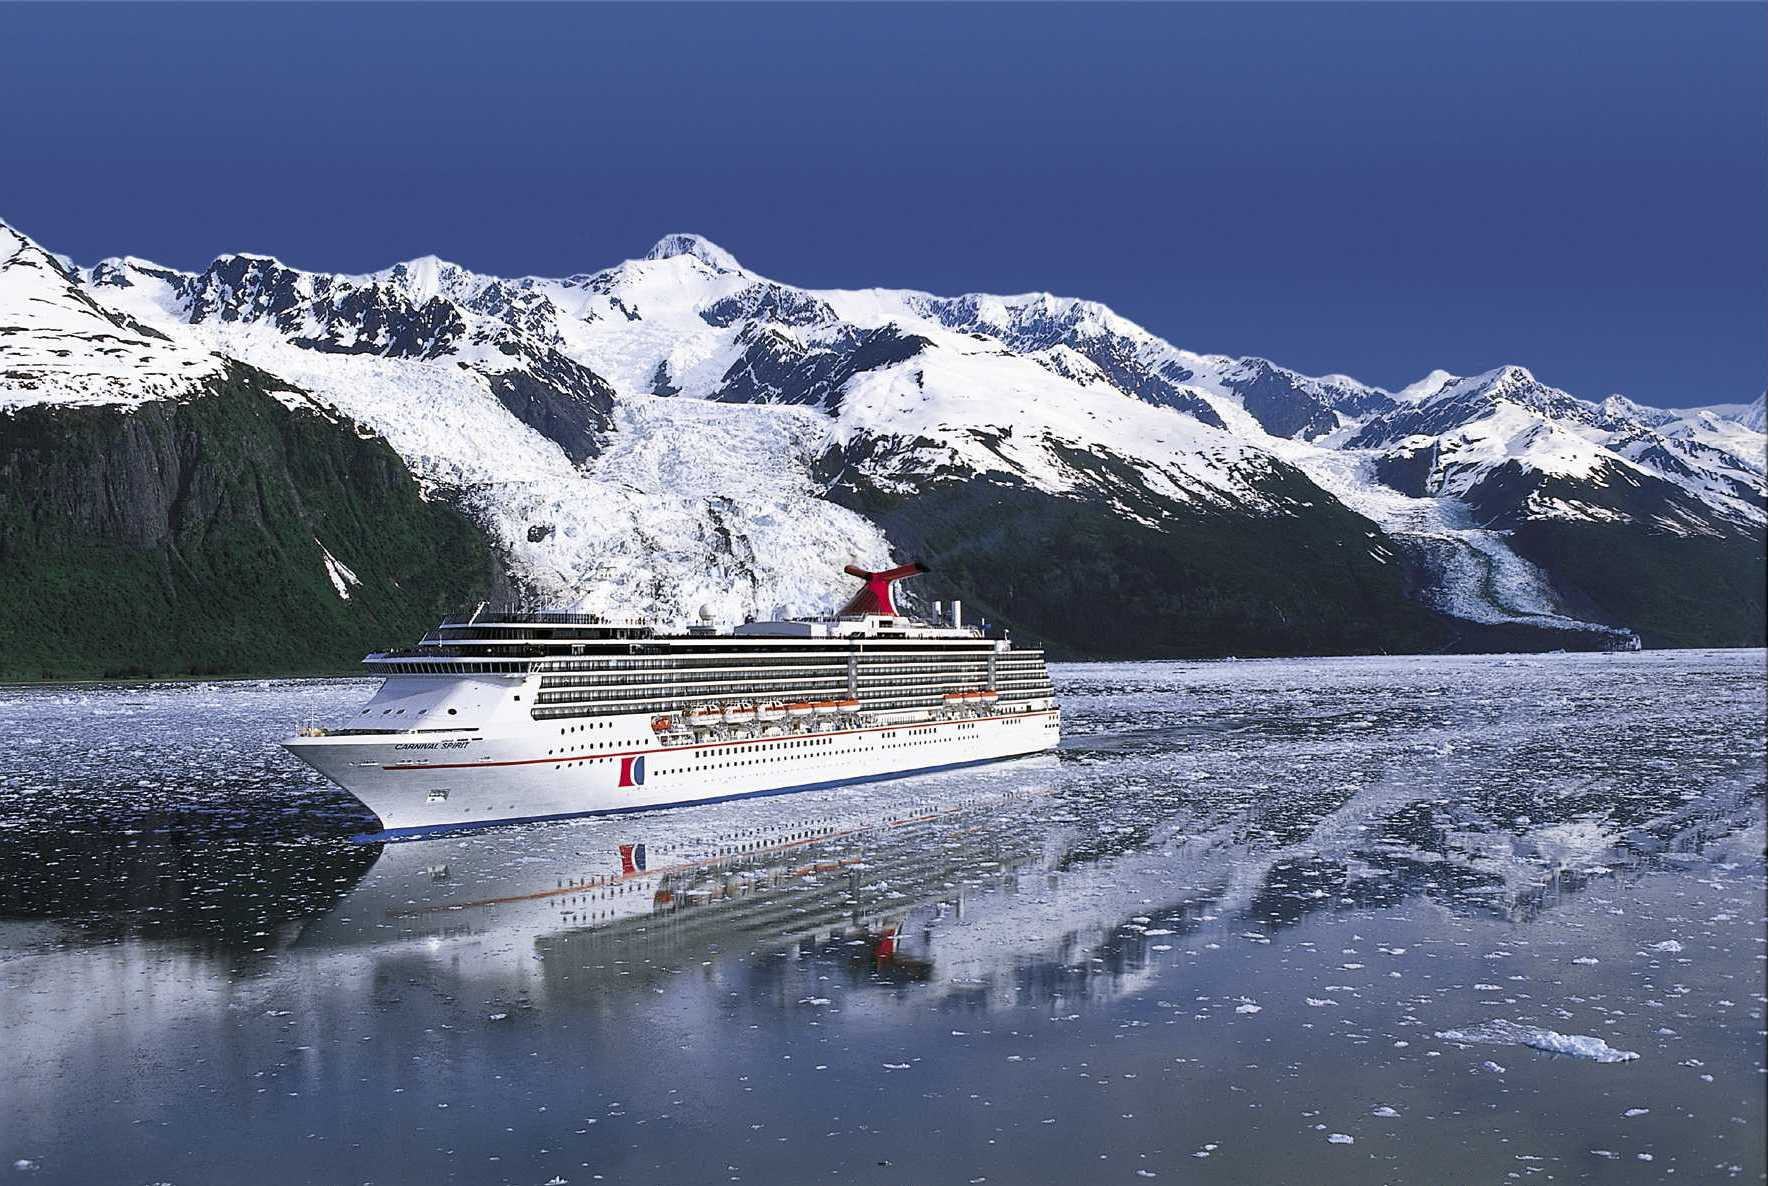 Carnival Cruise Line News - Alaskan cruise ship